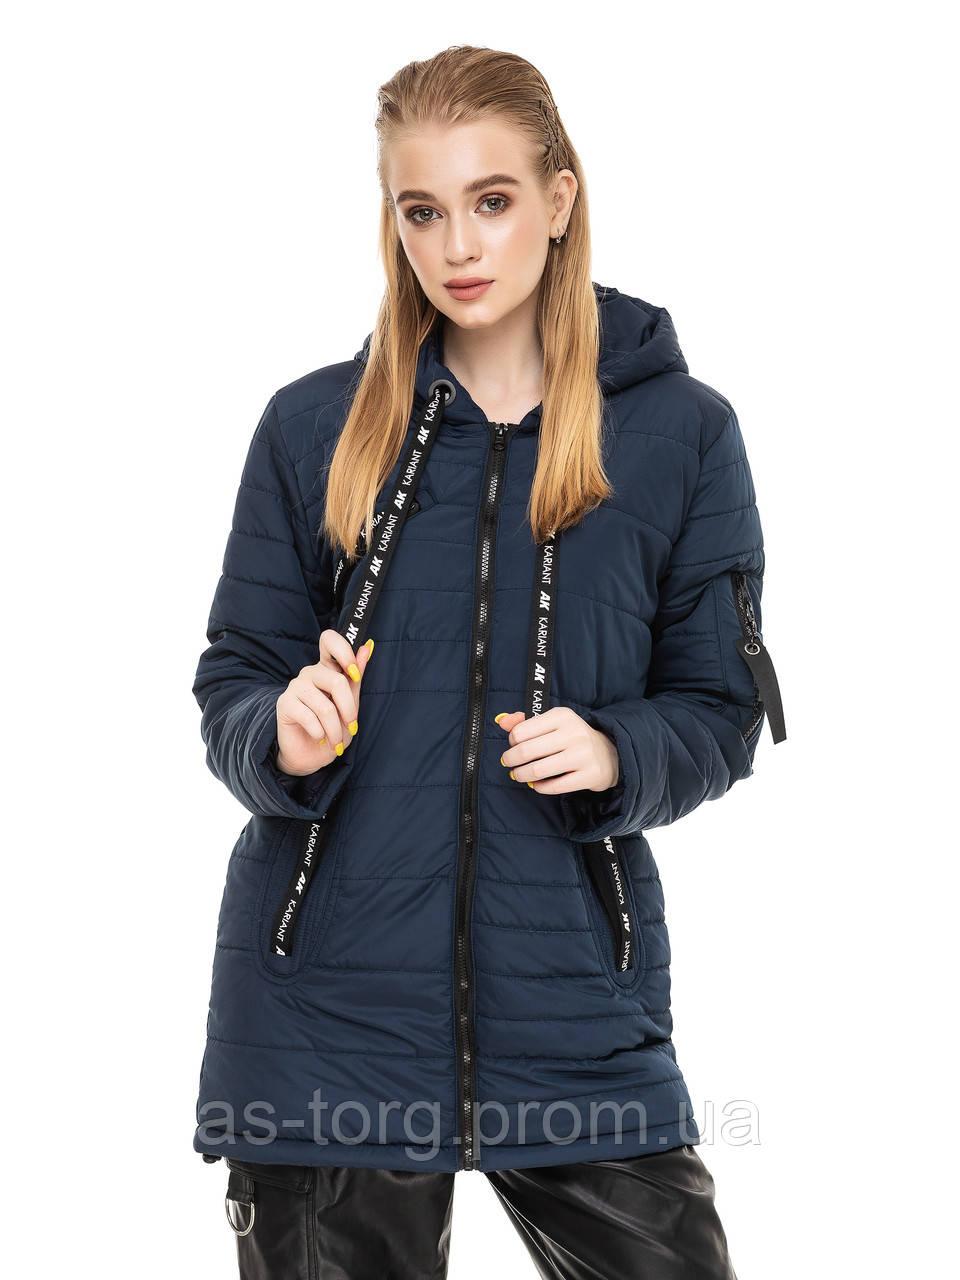 Удлиненная куртка Астара Синий